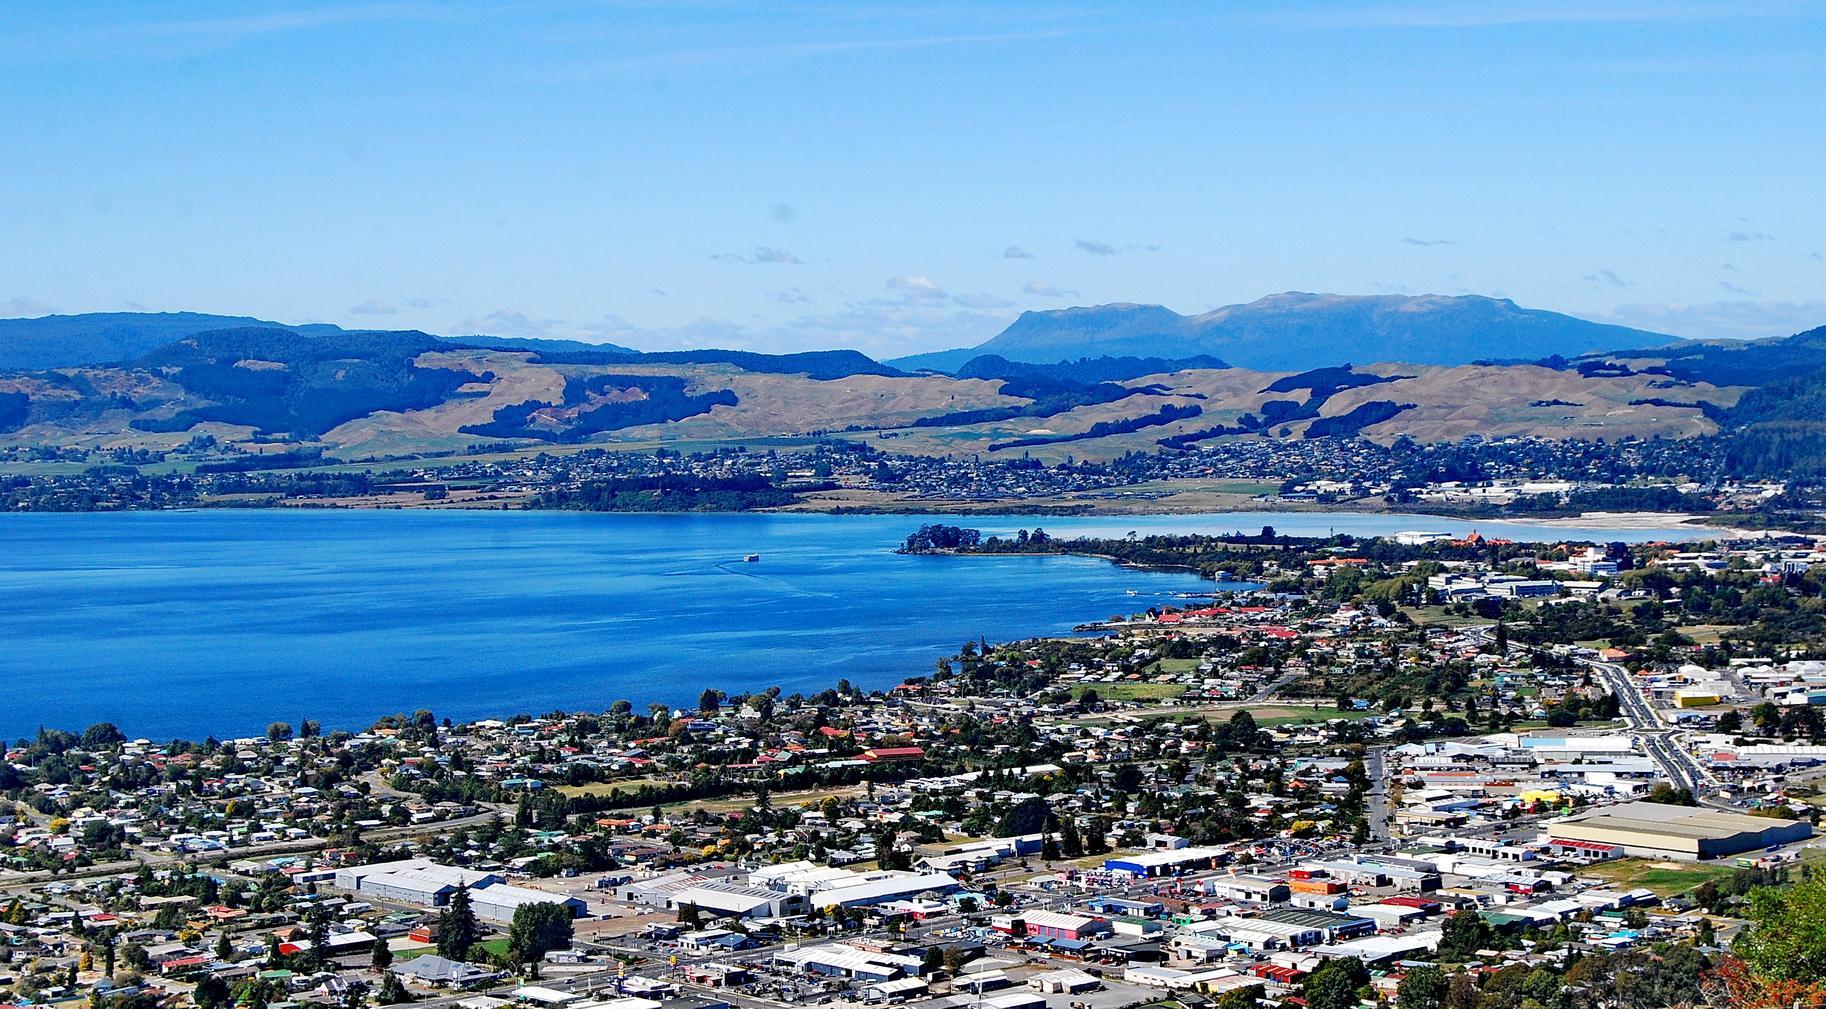 为何中产阶级移民目的地首选新西兰?